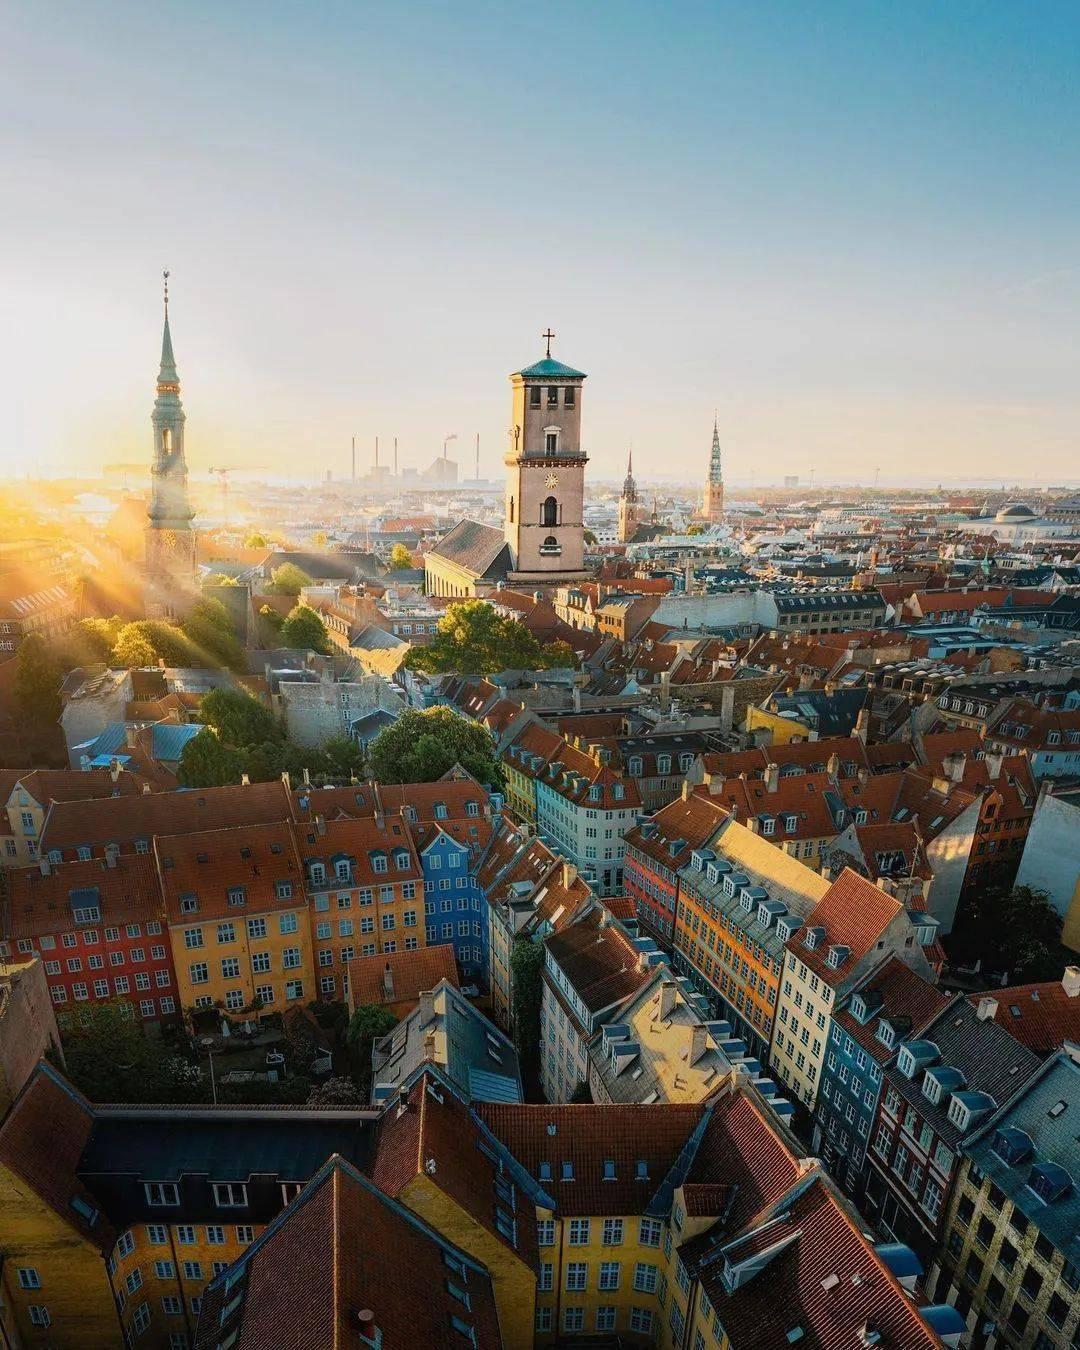 即日起至5月10日,预订北欧航空机票享限时特惠!